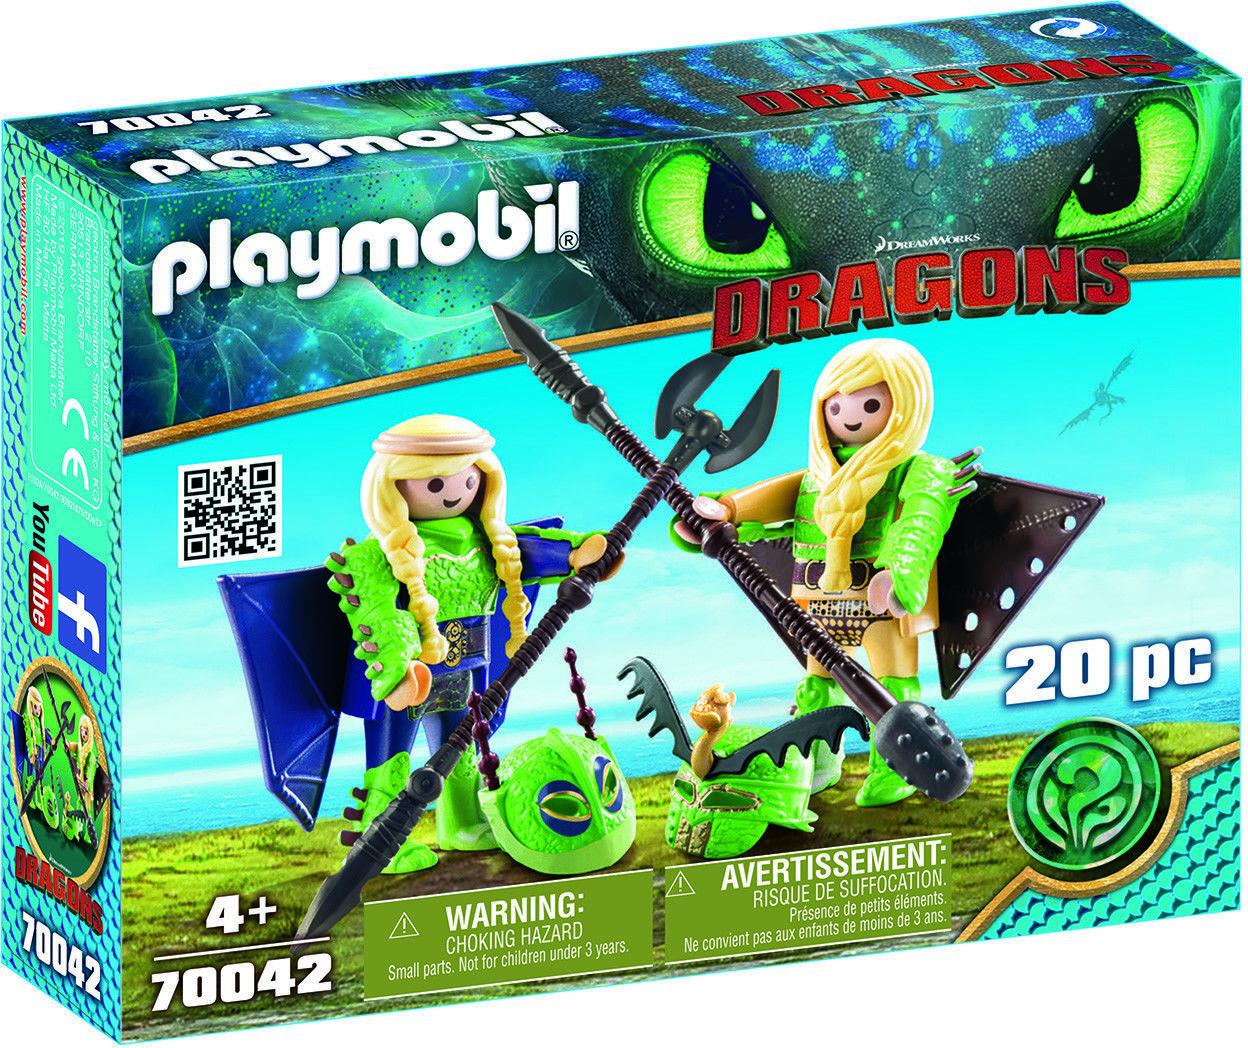 Playmobil - Mieczyk i Szpadka w zbroi do latania 70042